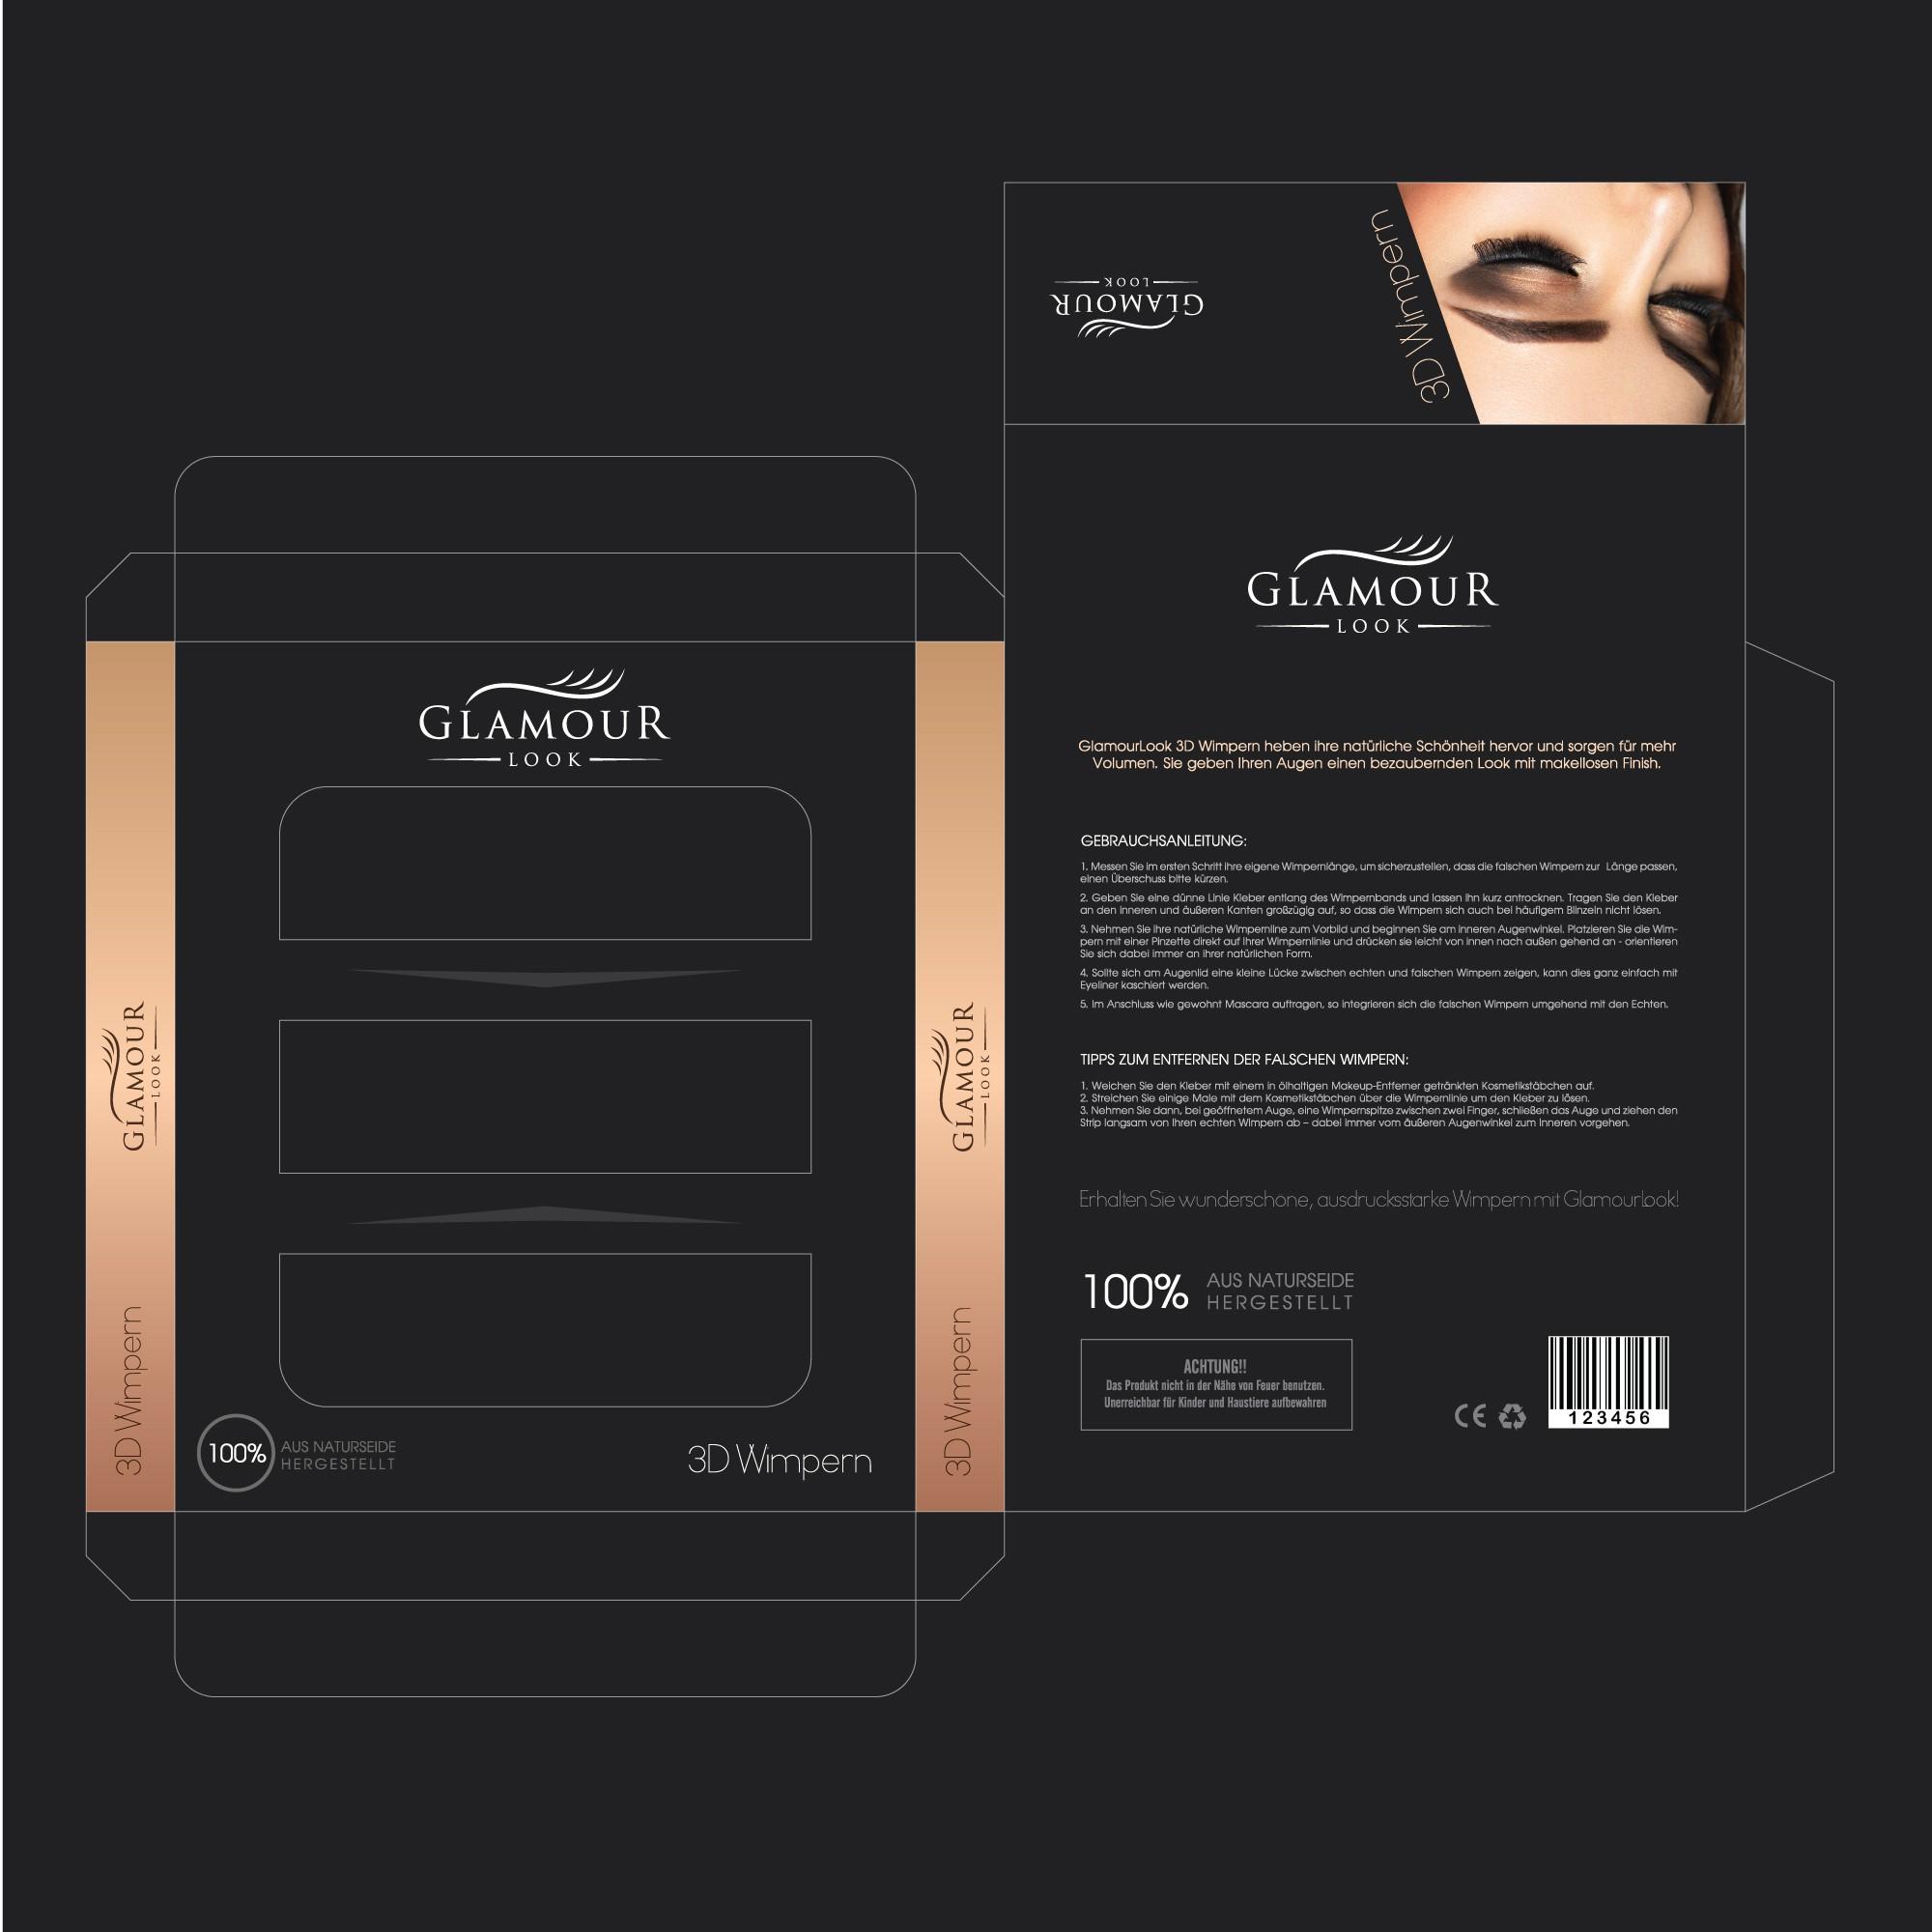 GlamourLook Wimpern brauchen ein Verpackungsdesign